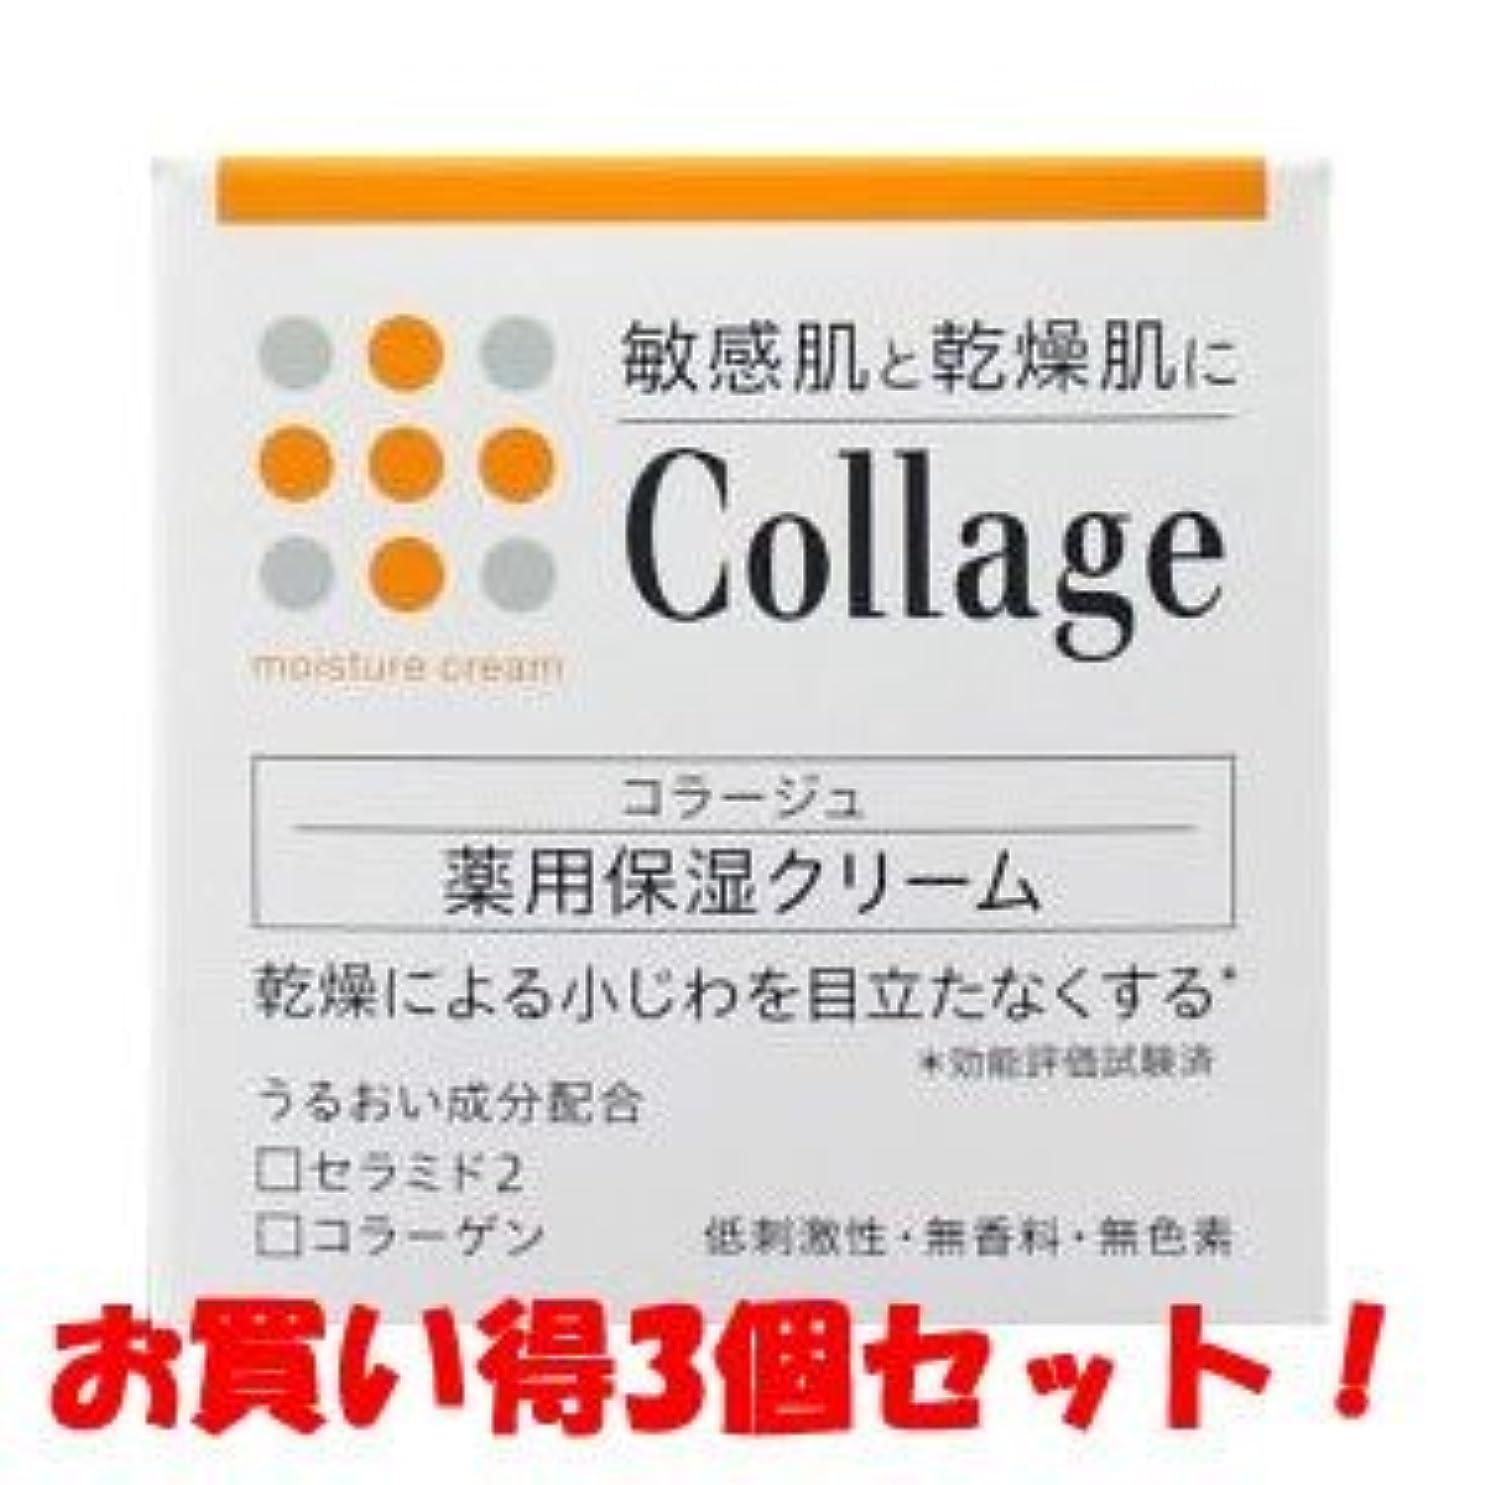 に対処する飾り羽フィールド(持田ヘルスケア)コラージュ 薬用保湿クリーム 30g(医薬部外品)(お買い得3個セット)